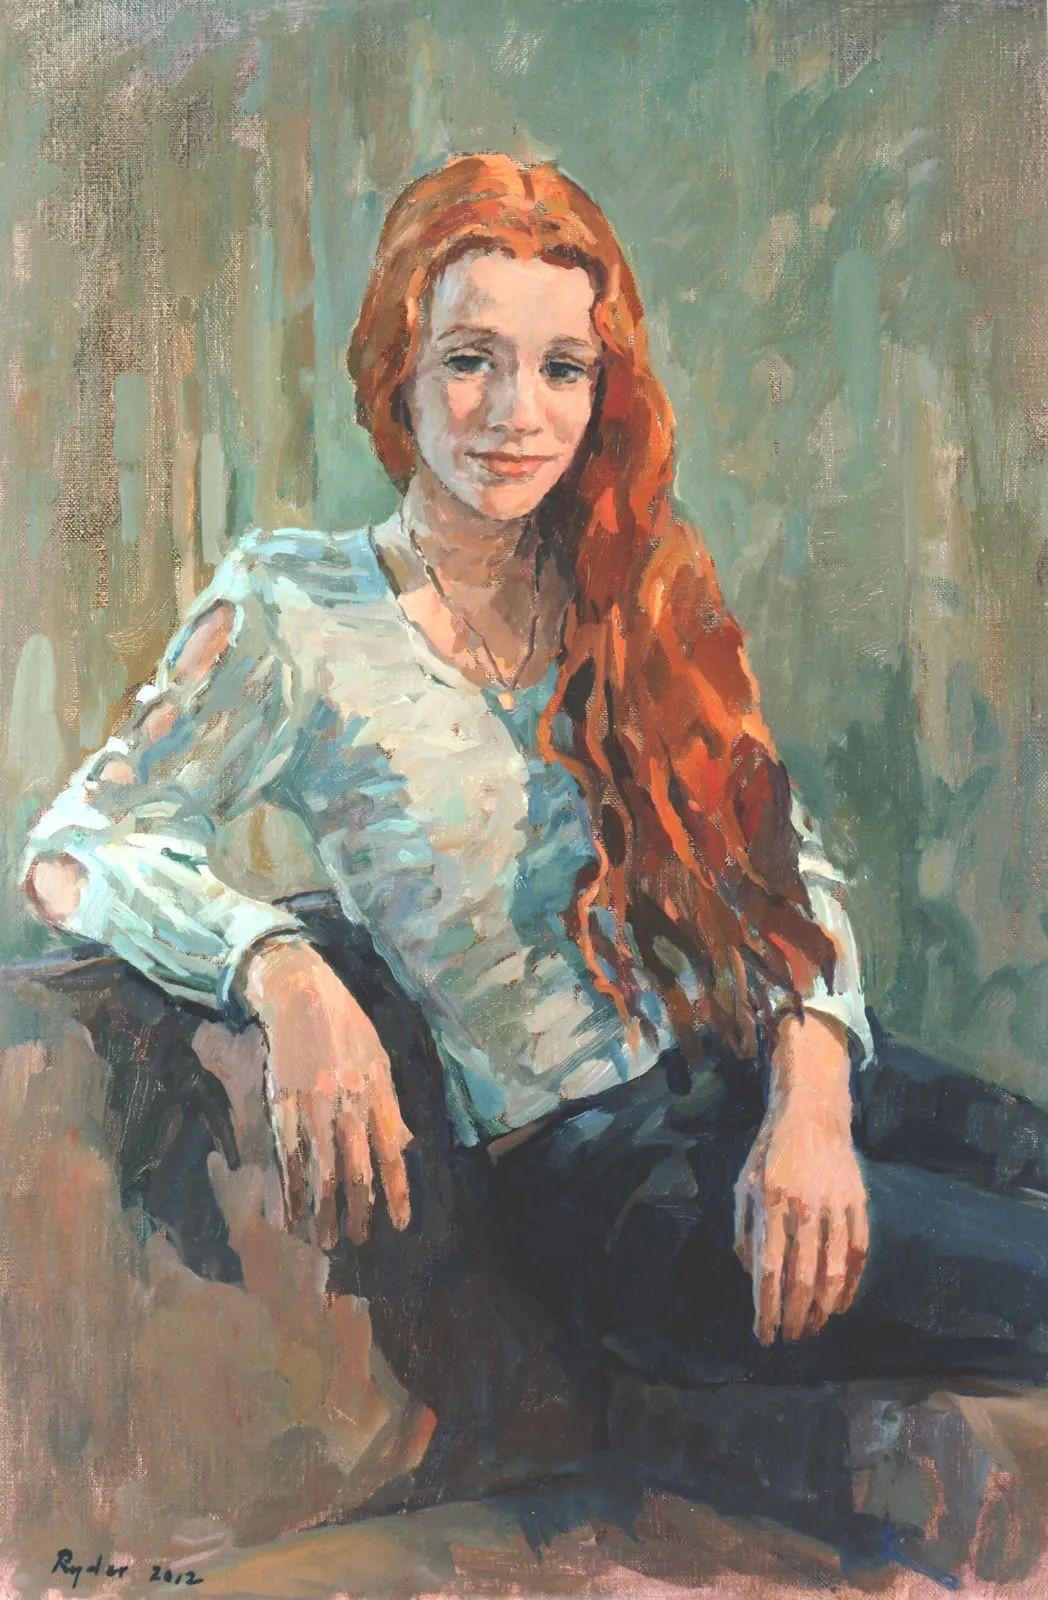 英国女画家苏珊·莱德人物作品插图3